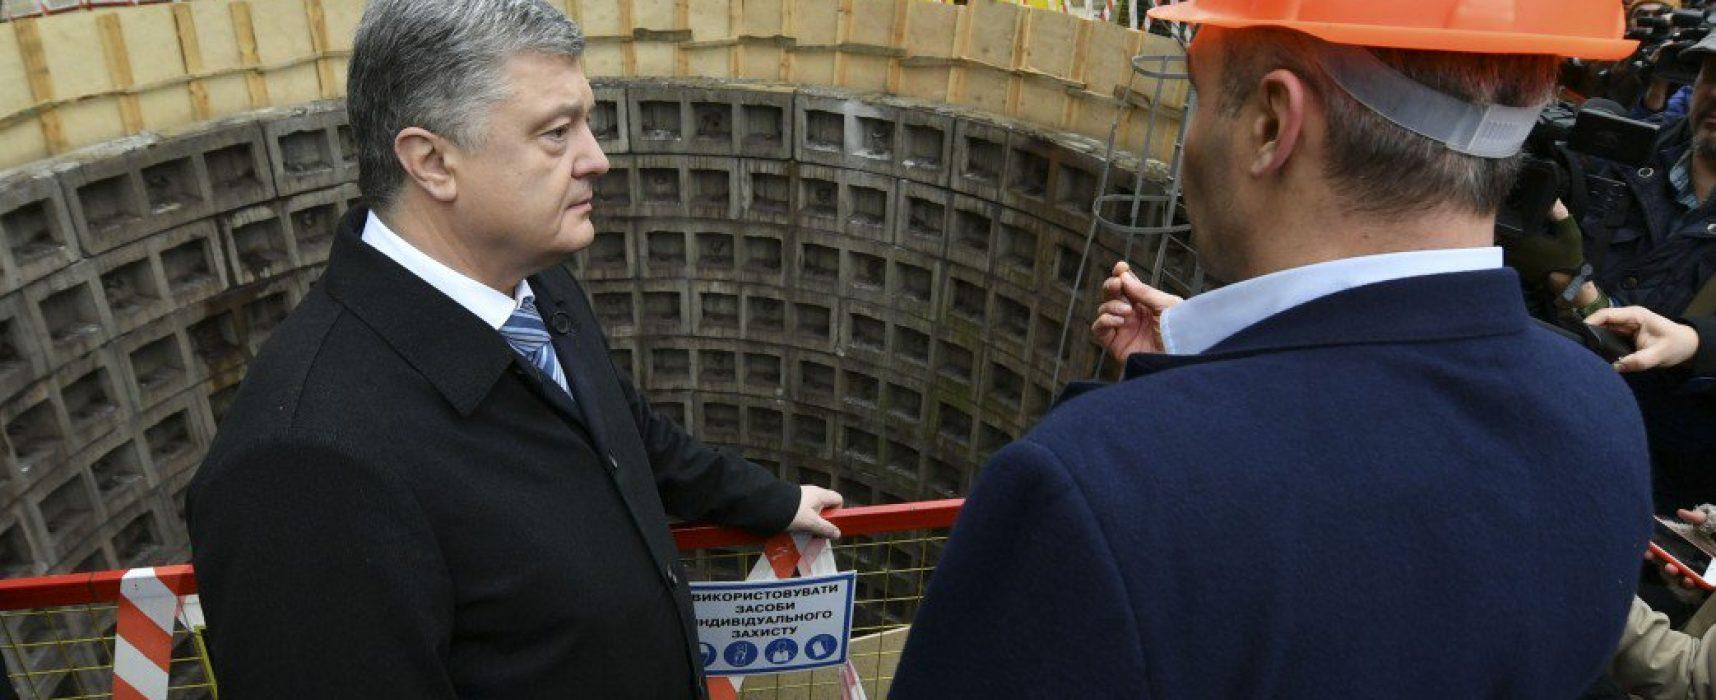 Фейк російських ЗМІ: Порошенко звинуватив Росію в повільному розвитку київського метро